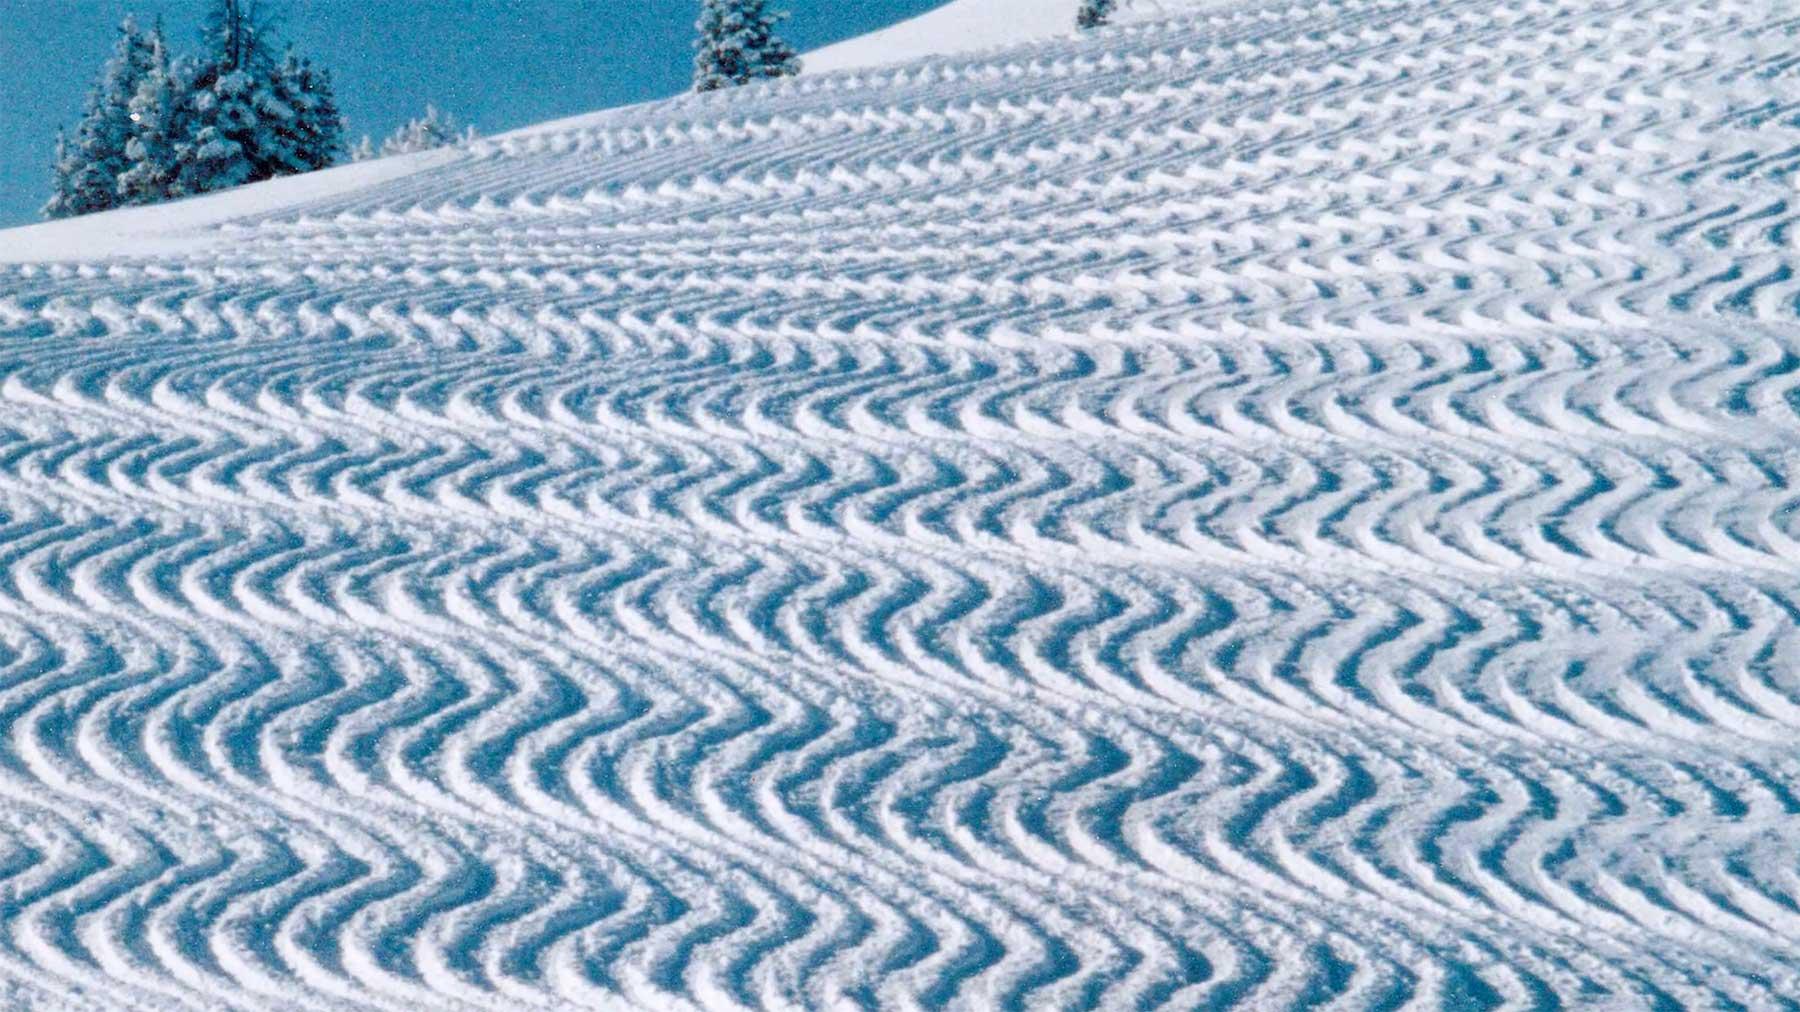 Dave Van Dame fährt mit seinen Ski gigantische Muster in den Schnee